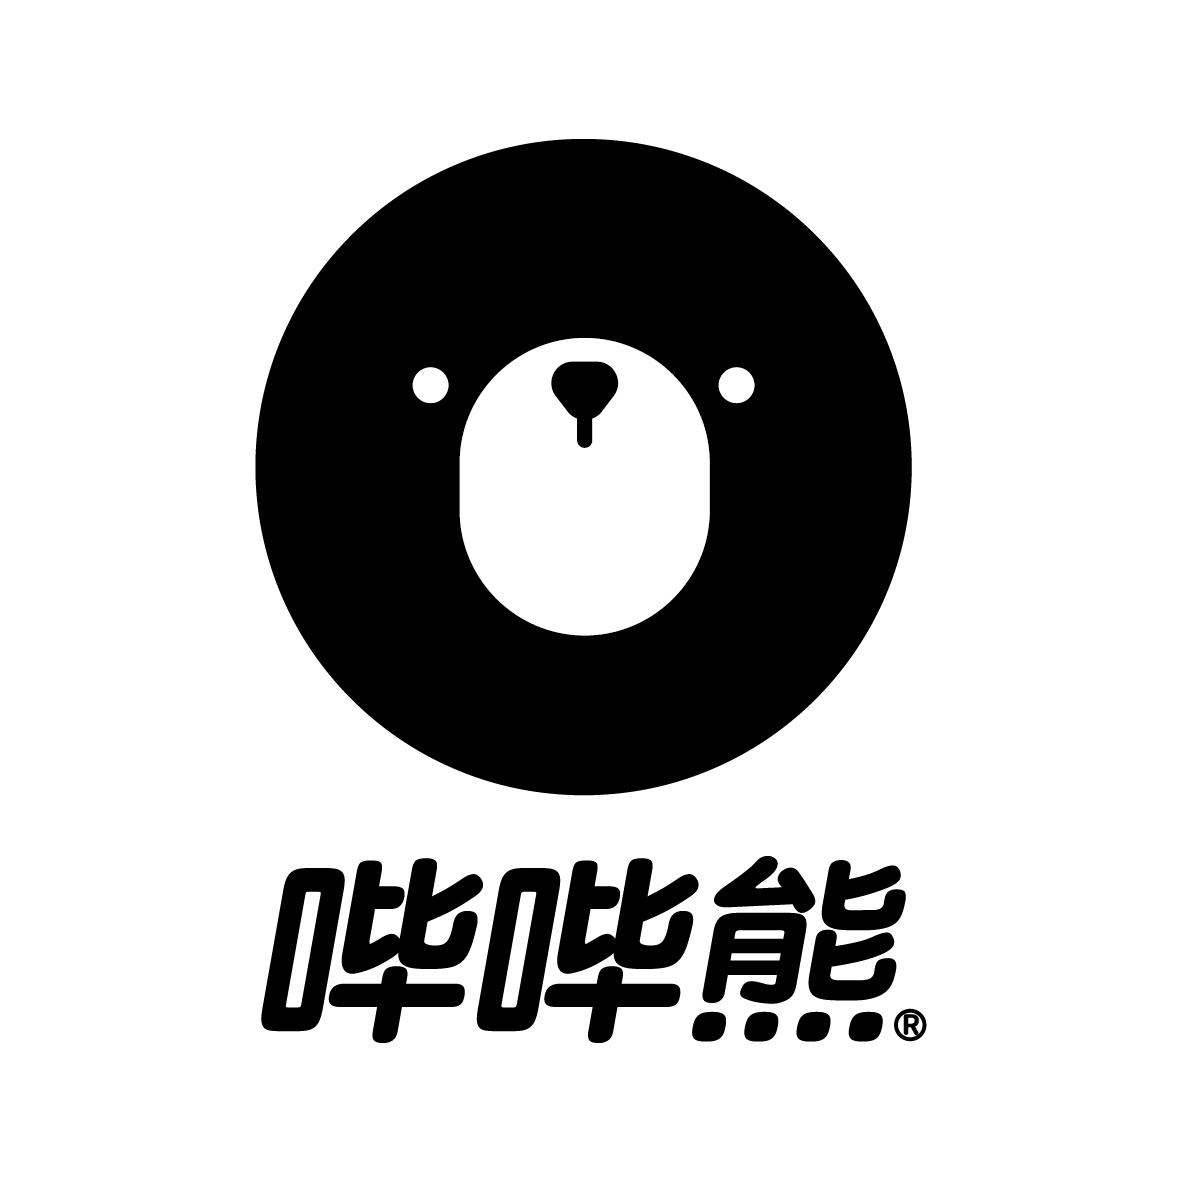 【浦东新区】[BiBi Bear哔哔熊]三林新达汇|春天就要喝暖暖的奶茶呀!魔都网红蜂蜜茶饮哔哔熊钜惠来袭!快来6.9元抢门市价15元哔哔熊单人饮品仙草厚乳茶啦!【无需预约】